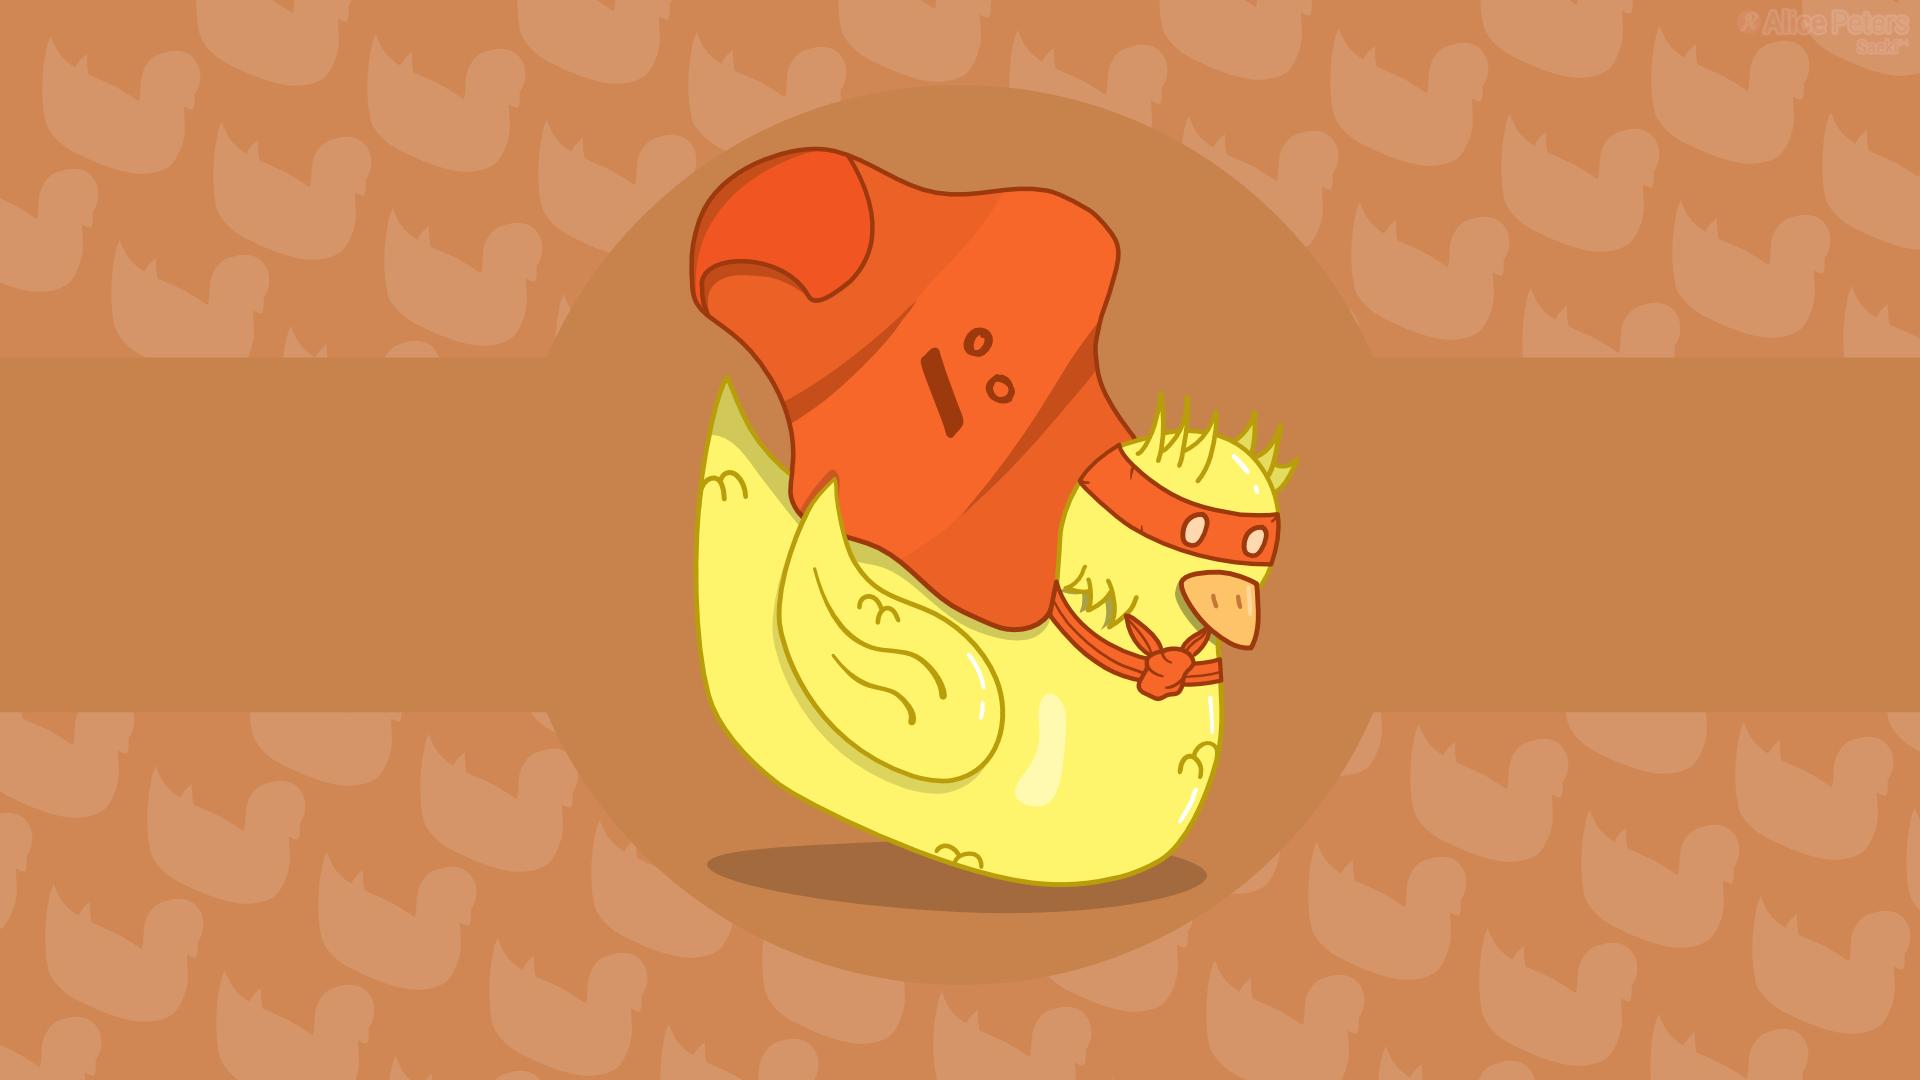 Ranti, the Rantduck